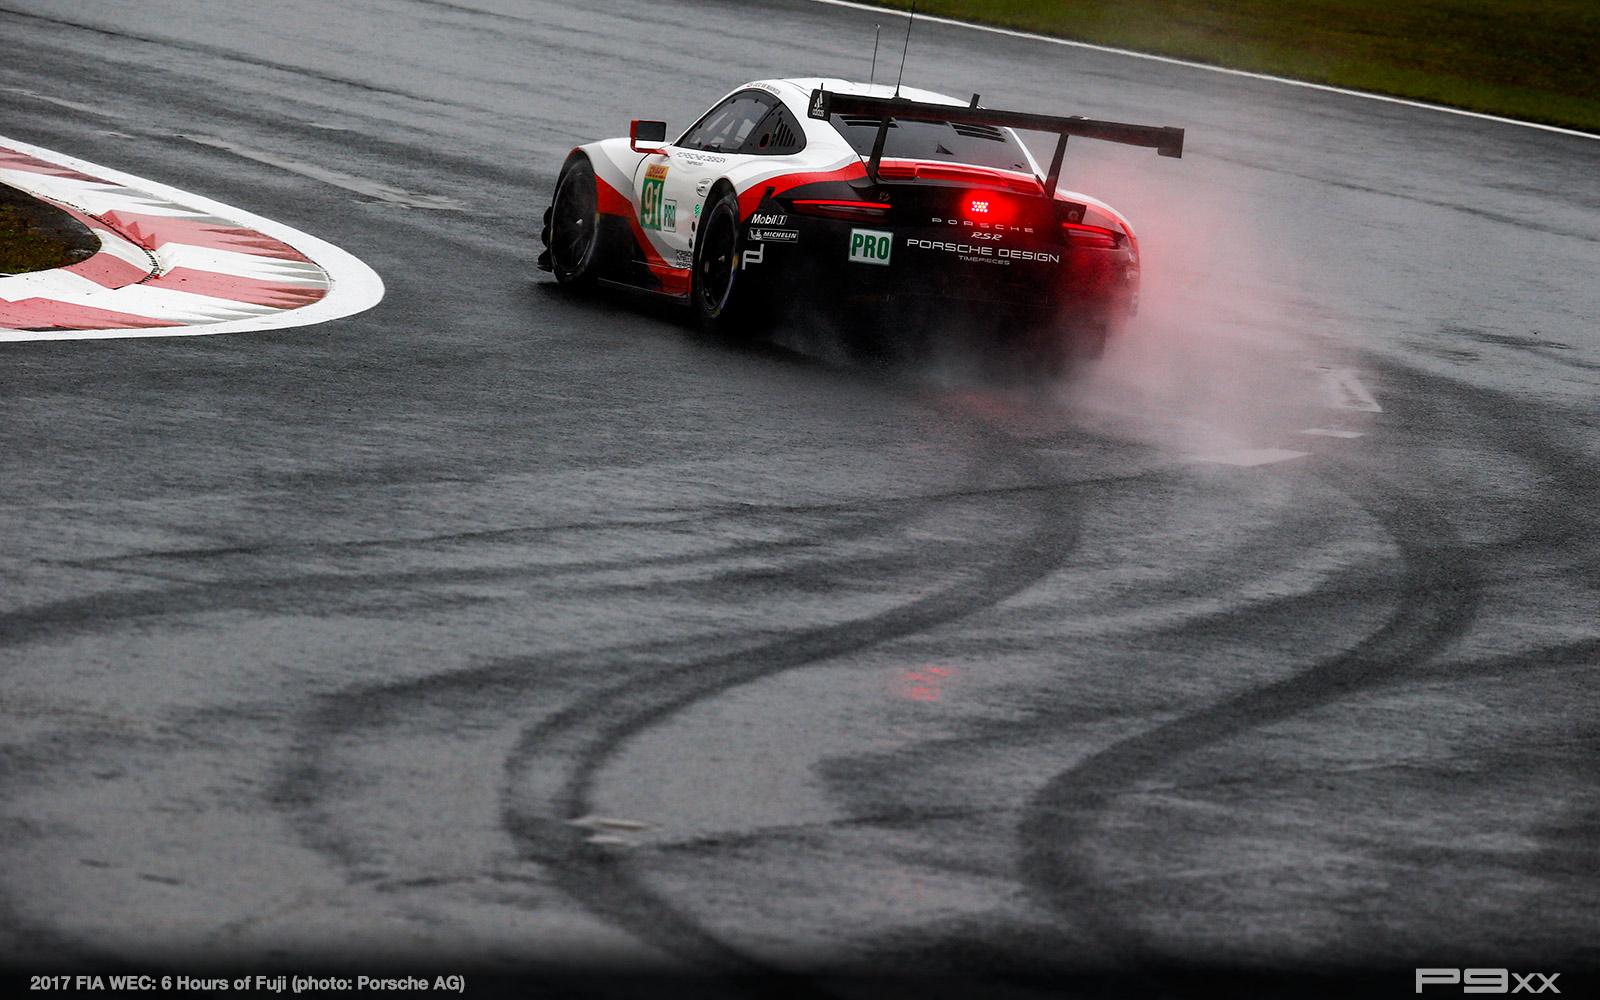 2017-FIA-WEC-6h-of-Fuji-Porsche-476